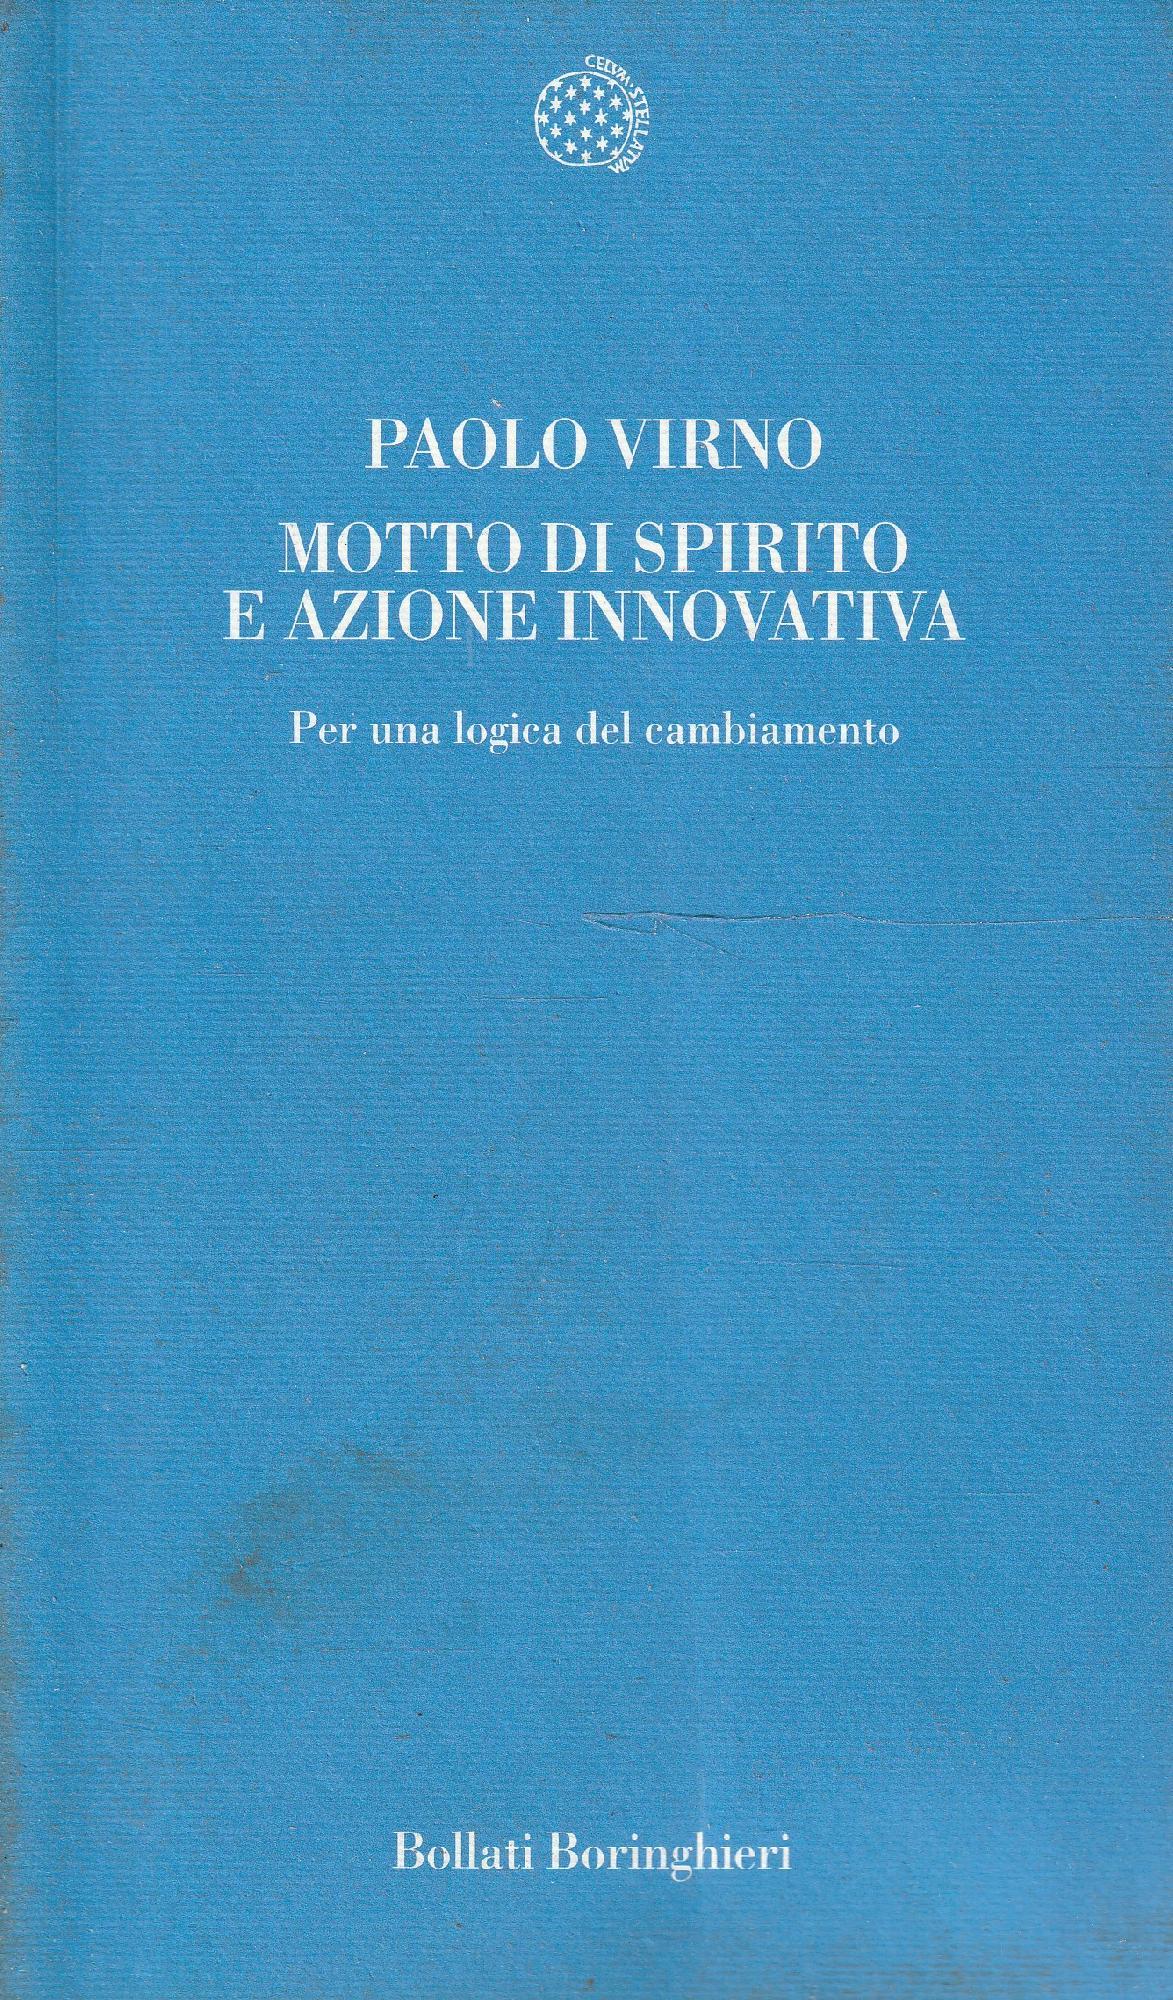 Motto di spirito e azione innovativa : per una logica del cambiamento - Virno Paolo